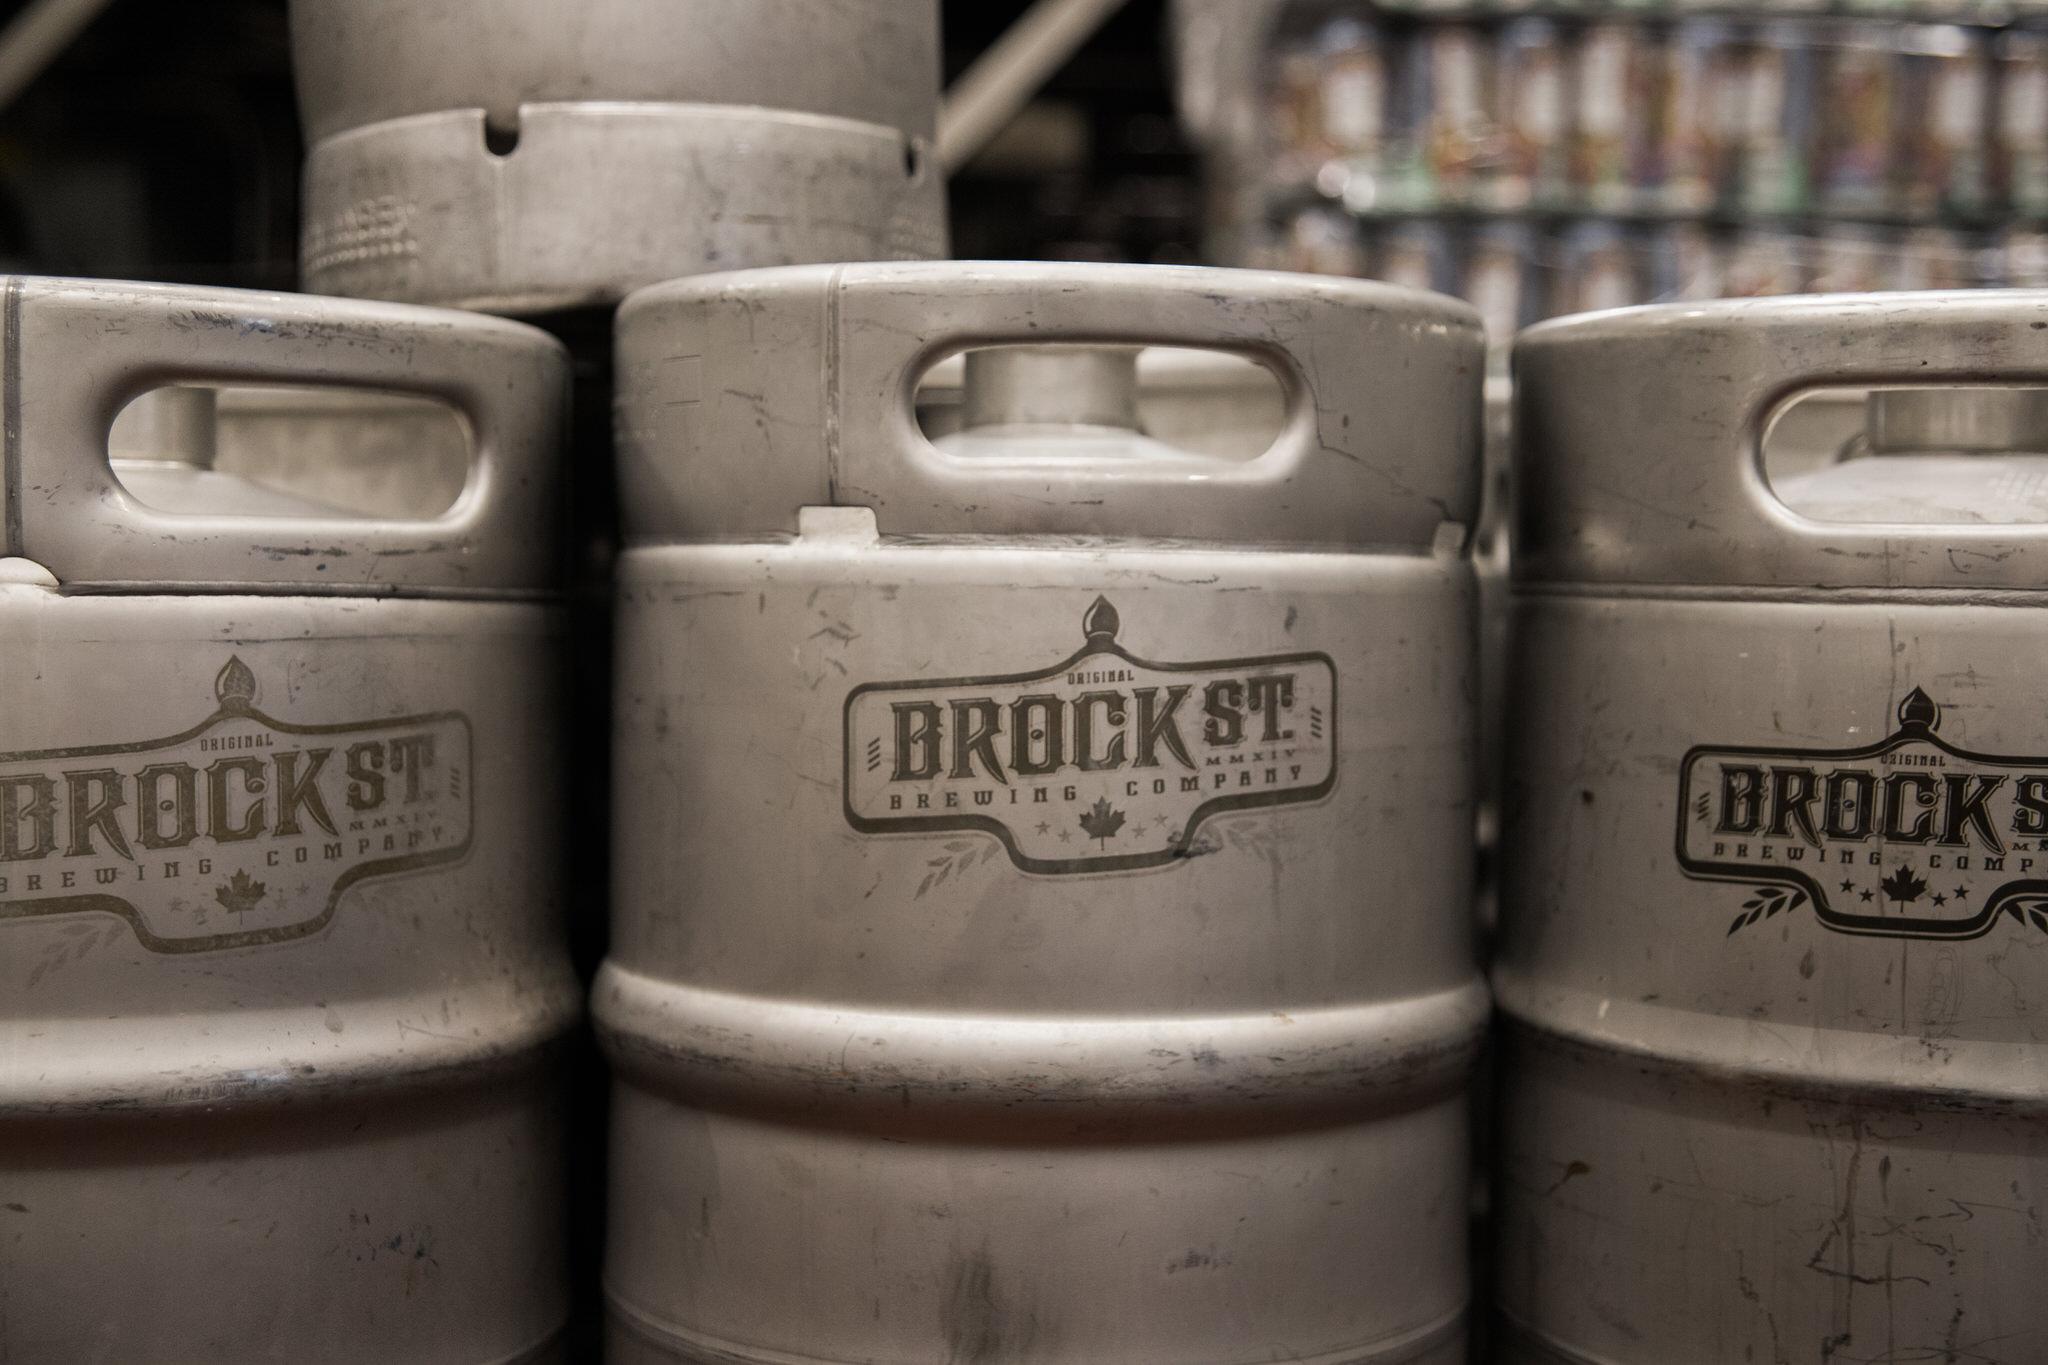 Brock Street Brewing Co. Wedding - kegs